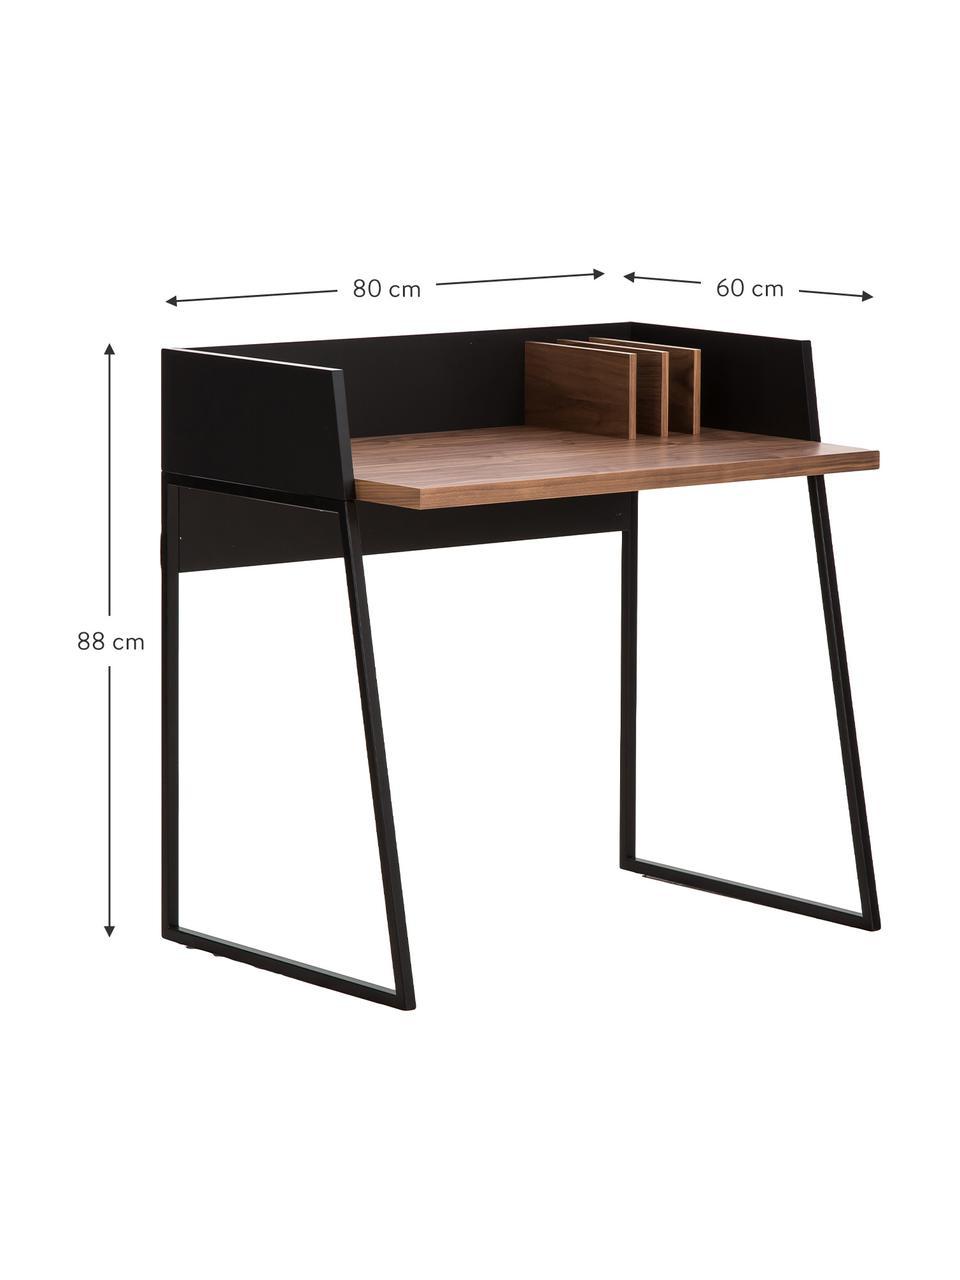 Małe biurko z przedziałami Camille, Nogi: metal lakierowany, Drewno orzecha włoskiego, czarny, S 90 x G 60 cm